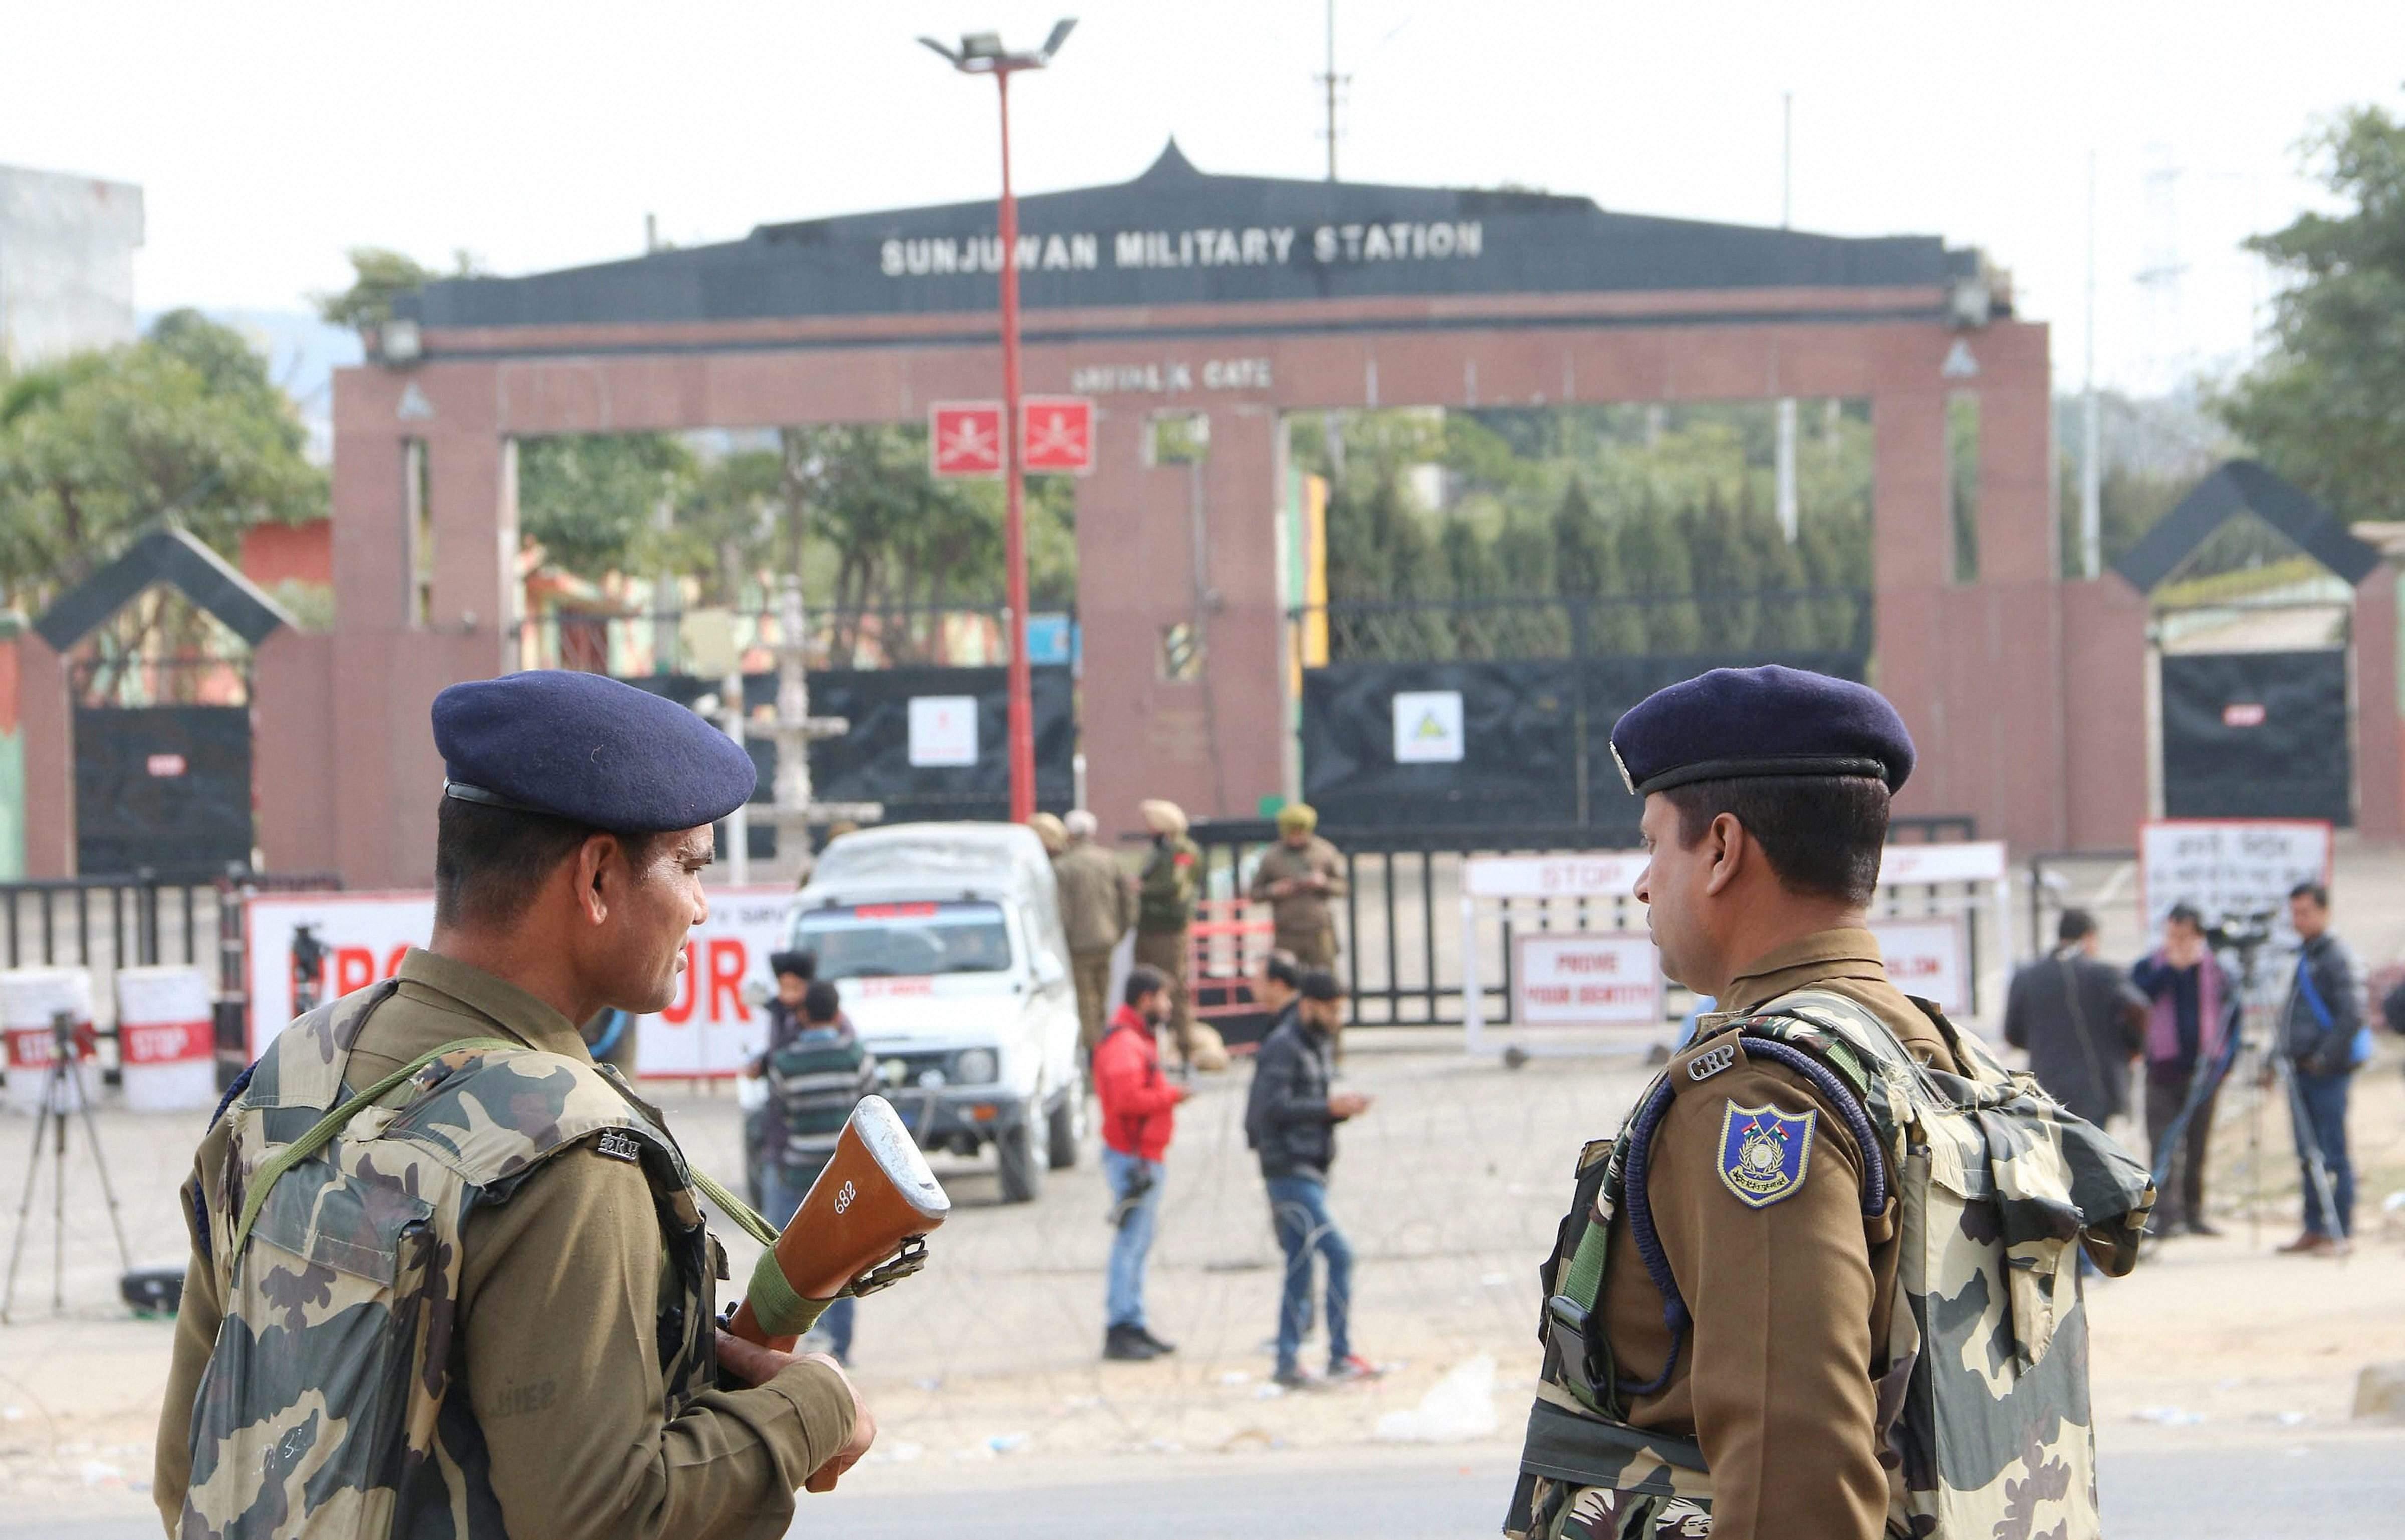 Sunjuwan Attack Triggers Communal Tension in Jammu